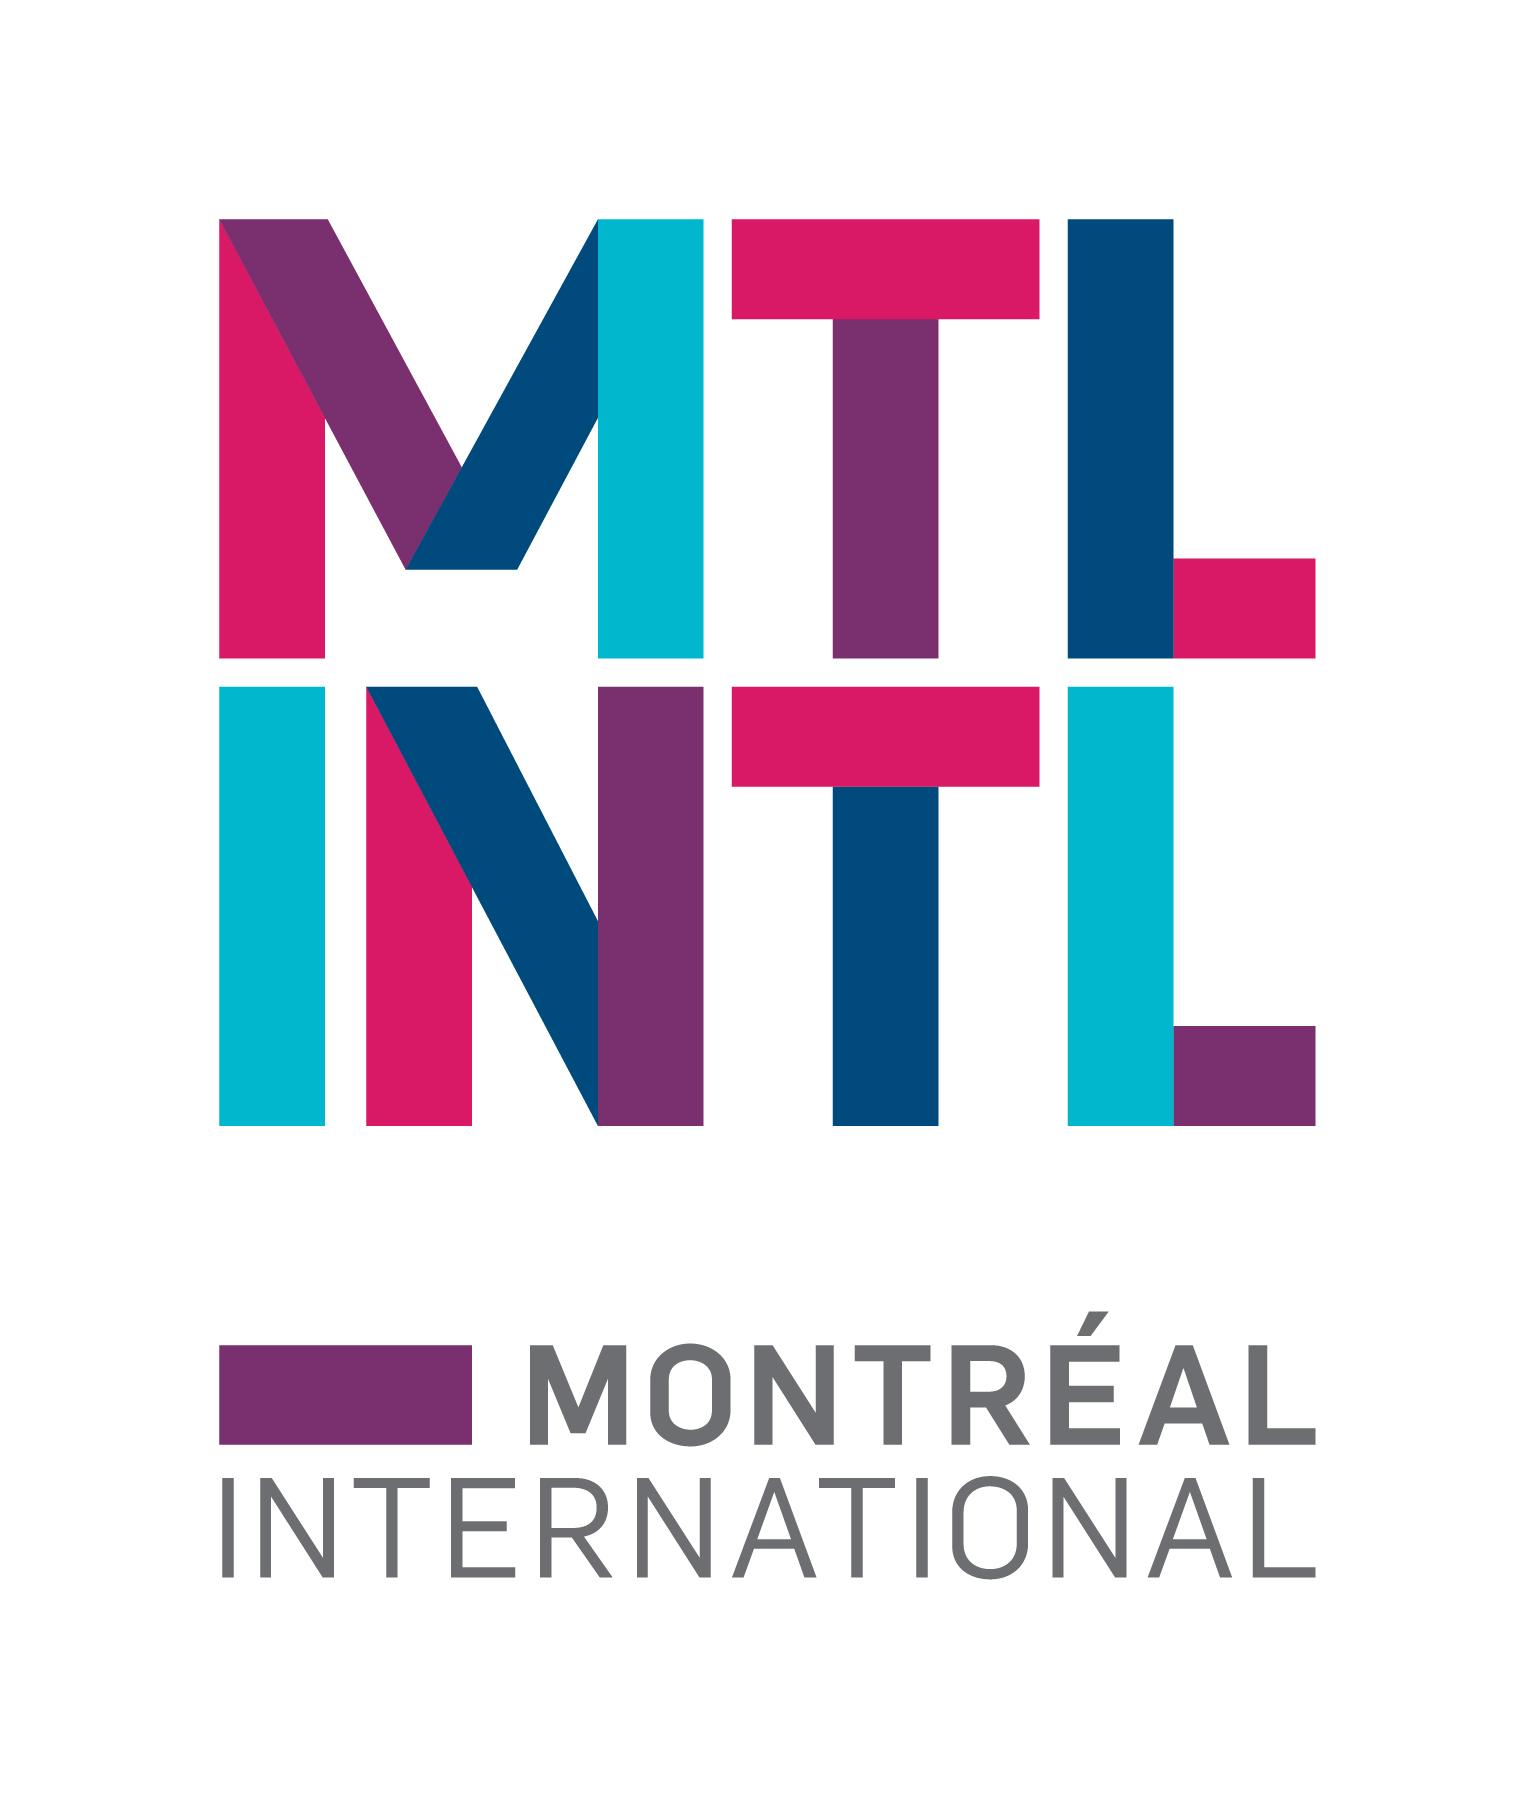 Copy of Noctura - Montréal International